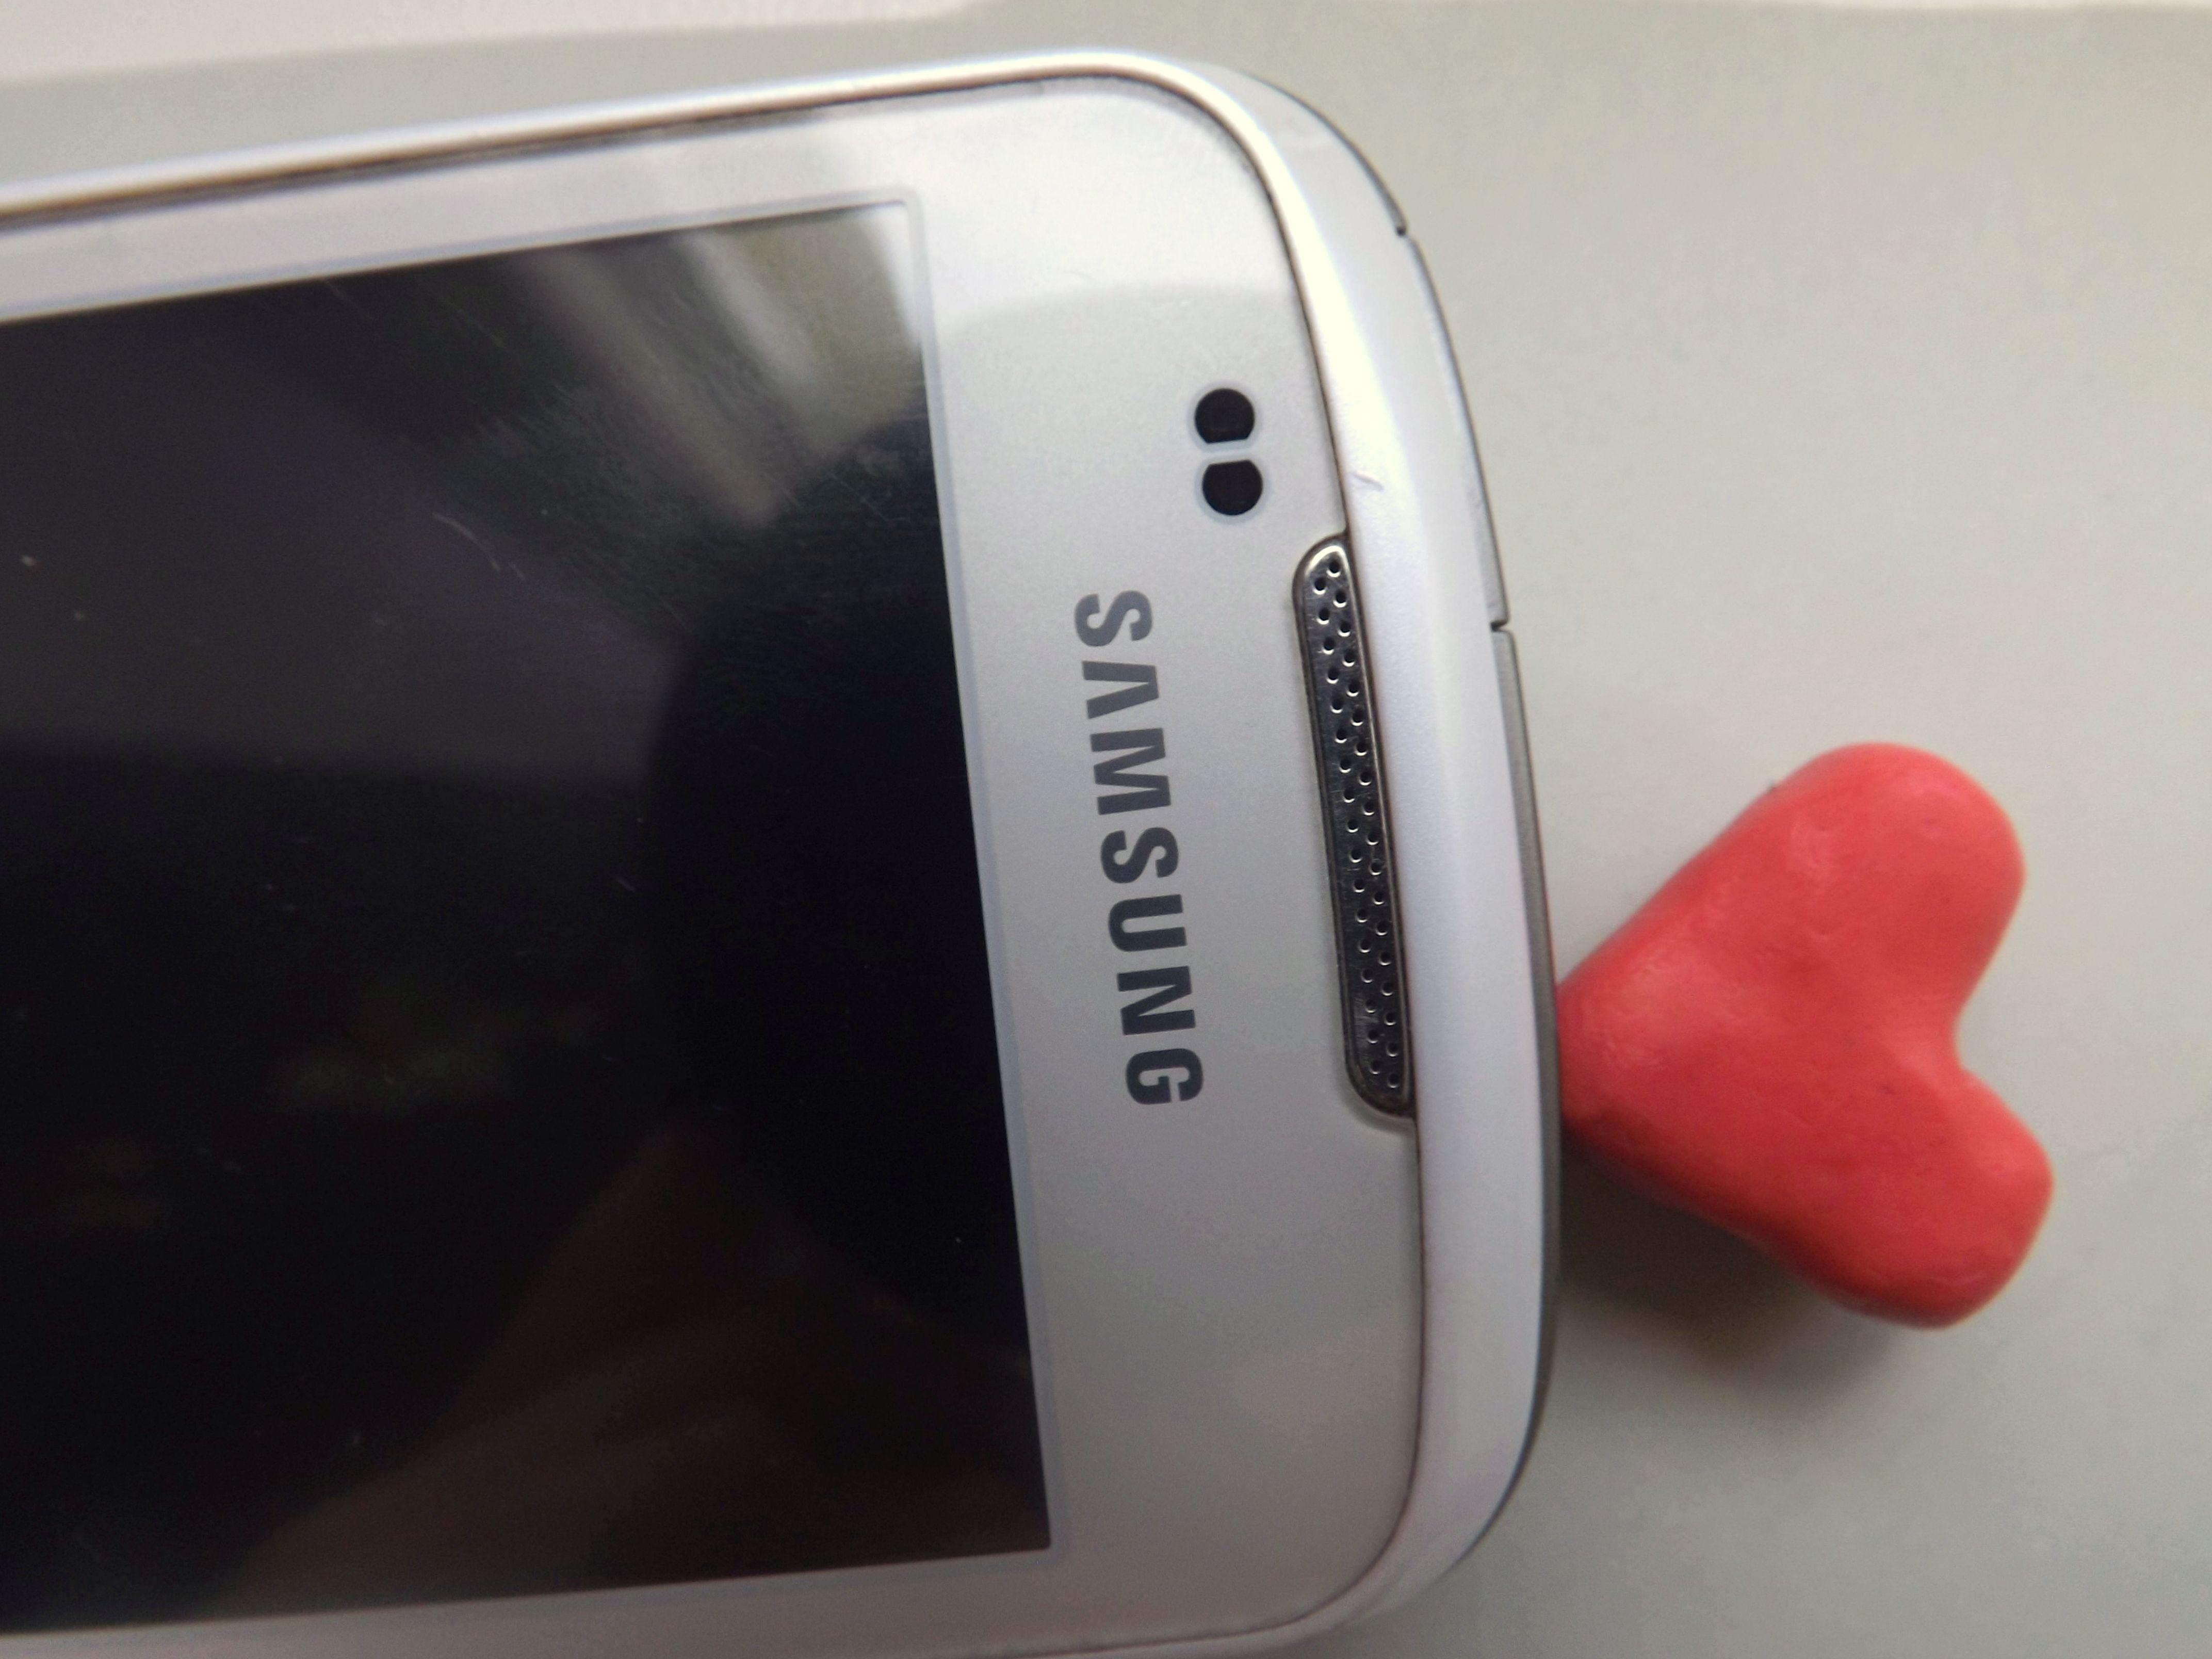 doplnok pre Váš mobil a diera na sluchatka sa vám už viac neupchá cena: 5€ kontakt: gklochanova@gmail.com